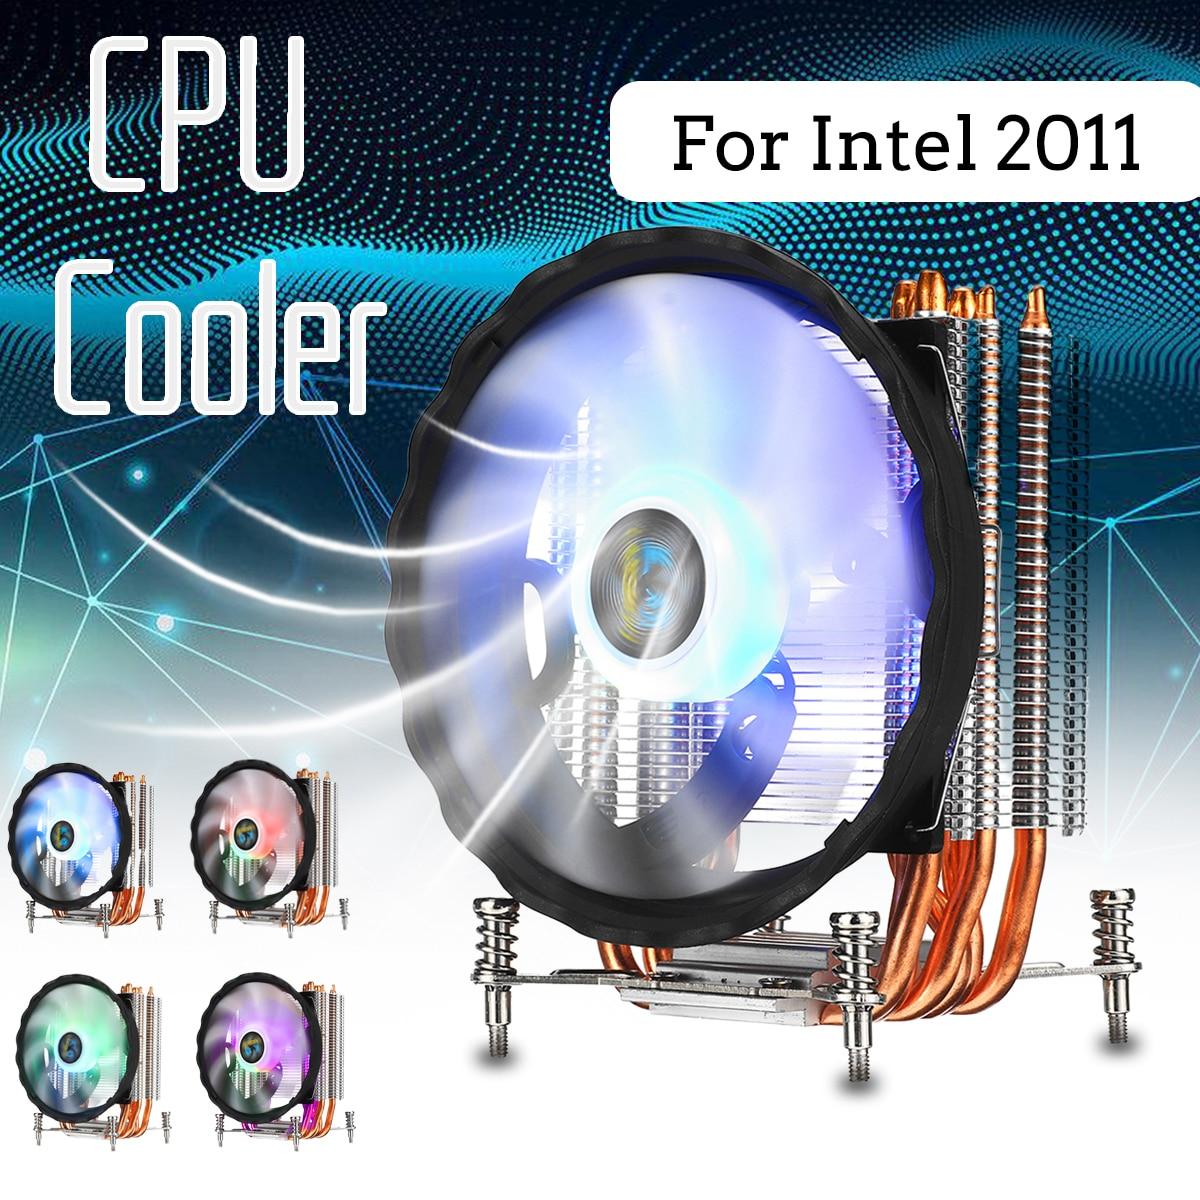 RGB 6 Cobre Heatpipes Cooler Ventilador Silencioso 120 milímetros CPU Ventilador de Refrigeração Do Radiador Do Dissipador de Calor para Intel 2011 para Aurora luzes